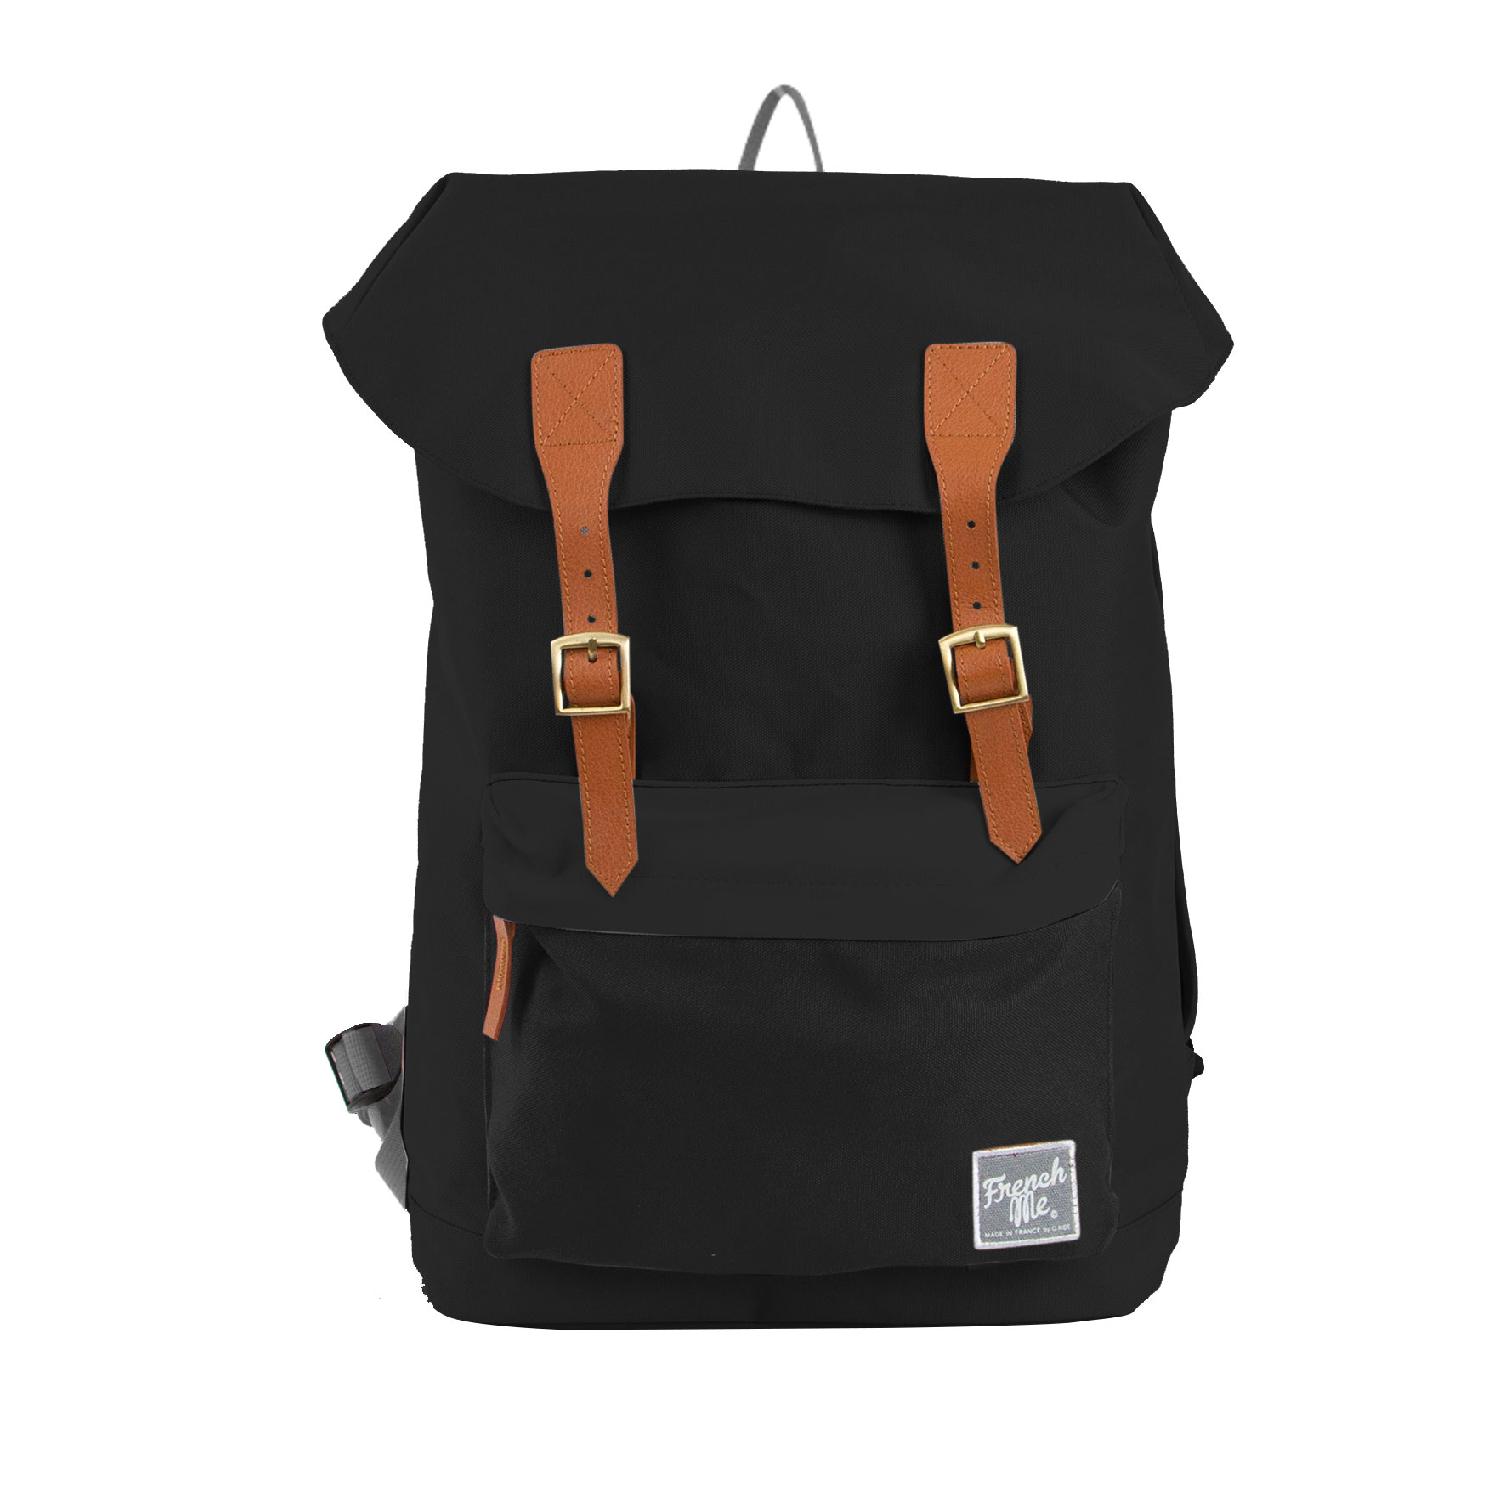 G.RIDE - Τσάντα πλάτης G.Ride μαύρη γυναικεία αξεσουάρ τσάντες σακίδια πλάτης